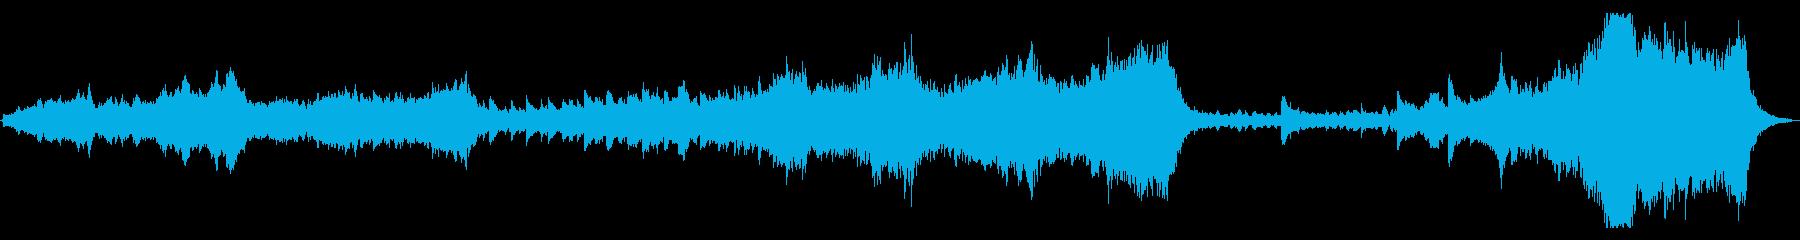 大自然壮大オケ 60秒 per syn無の再生済みの波形